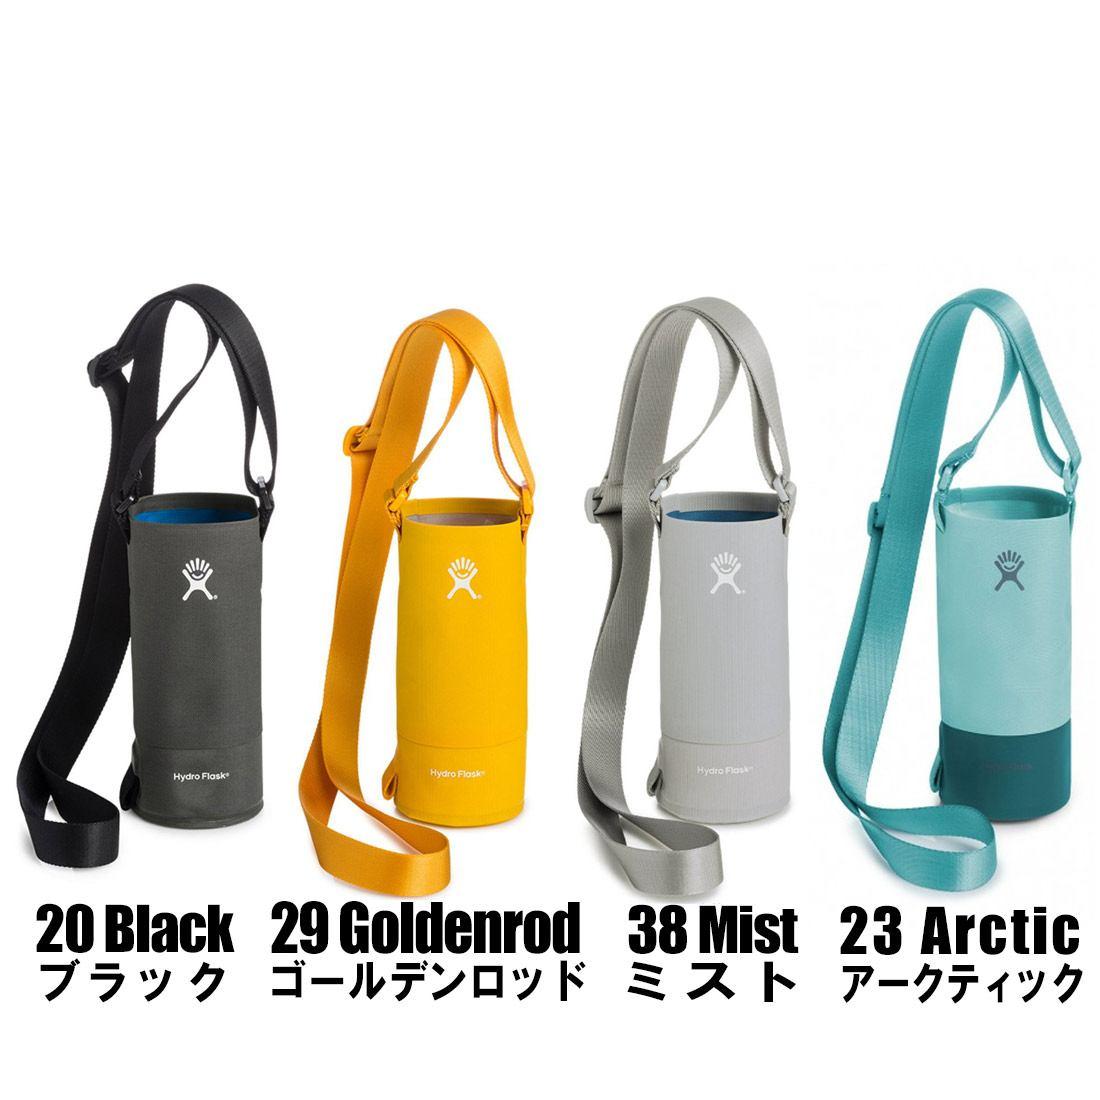 ハイドロフラスク ボトルスリング スモール 保温 保冷 ボトル カバー  国内正規品